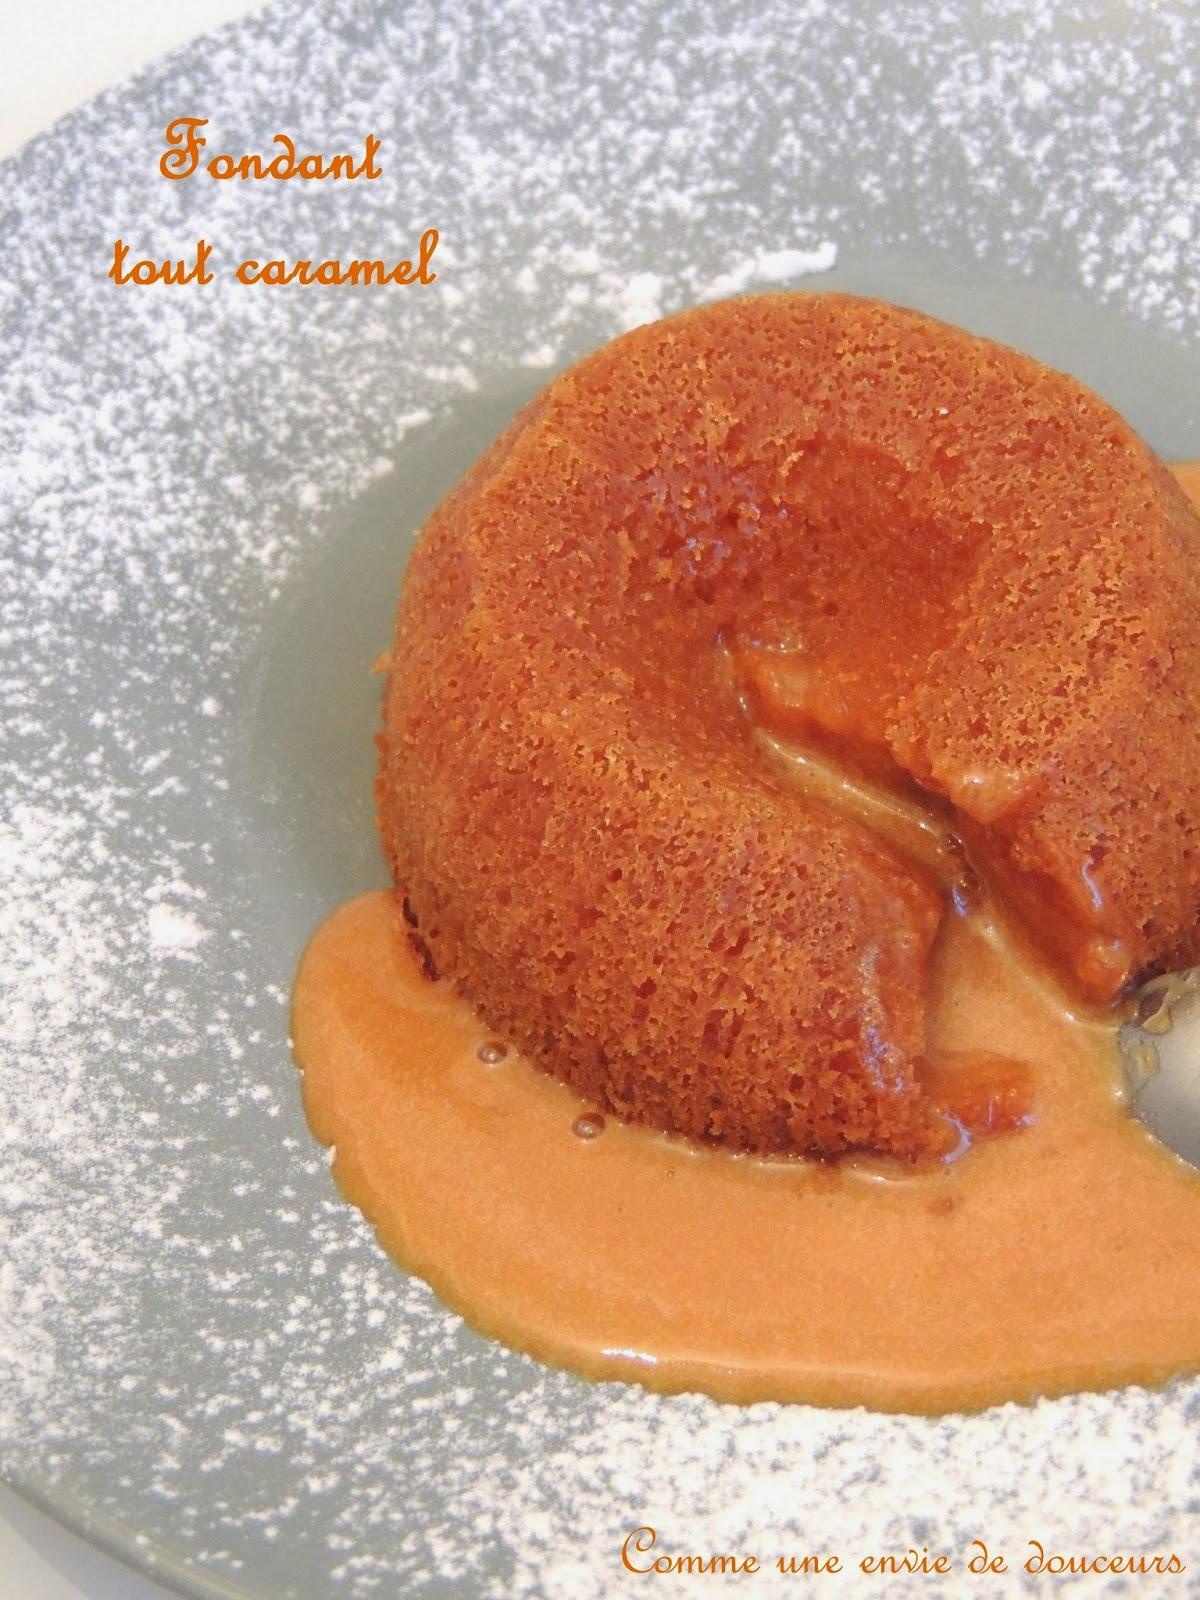 Sauce caramel & Fondant 100% caramel / Caramel sauce & Molten caramel Lava cake